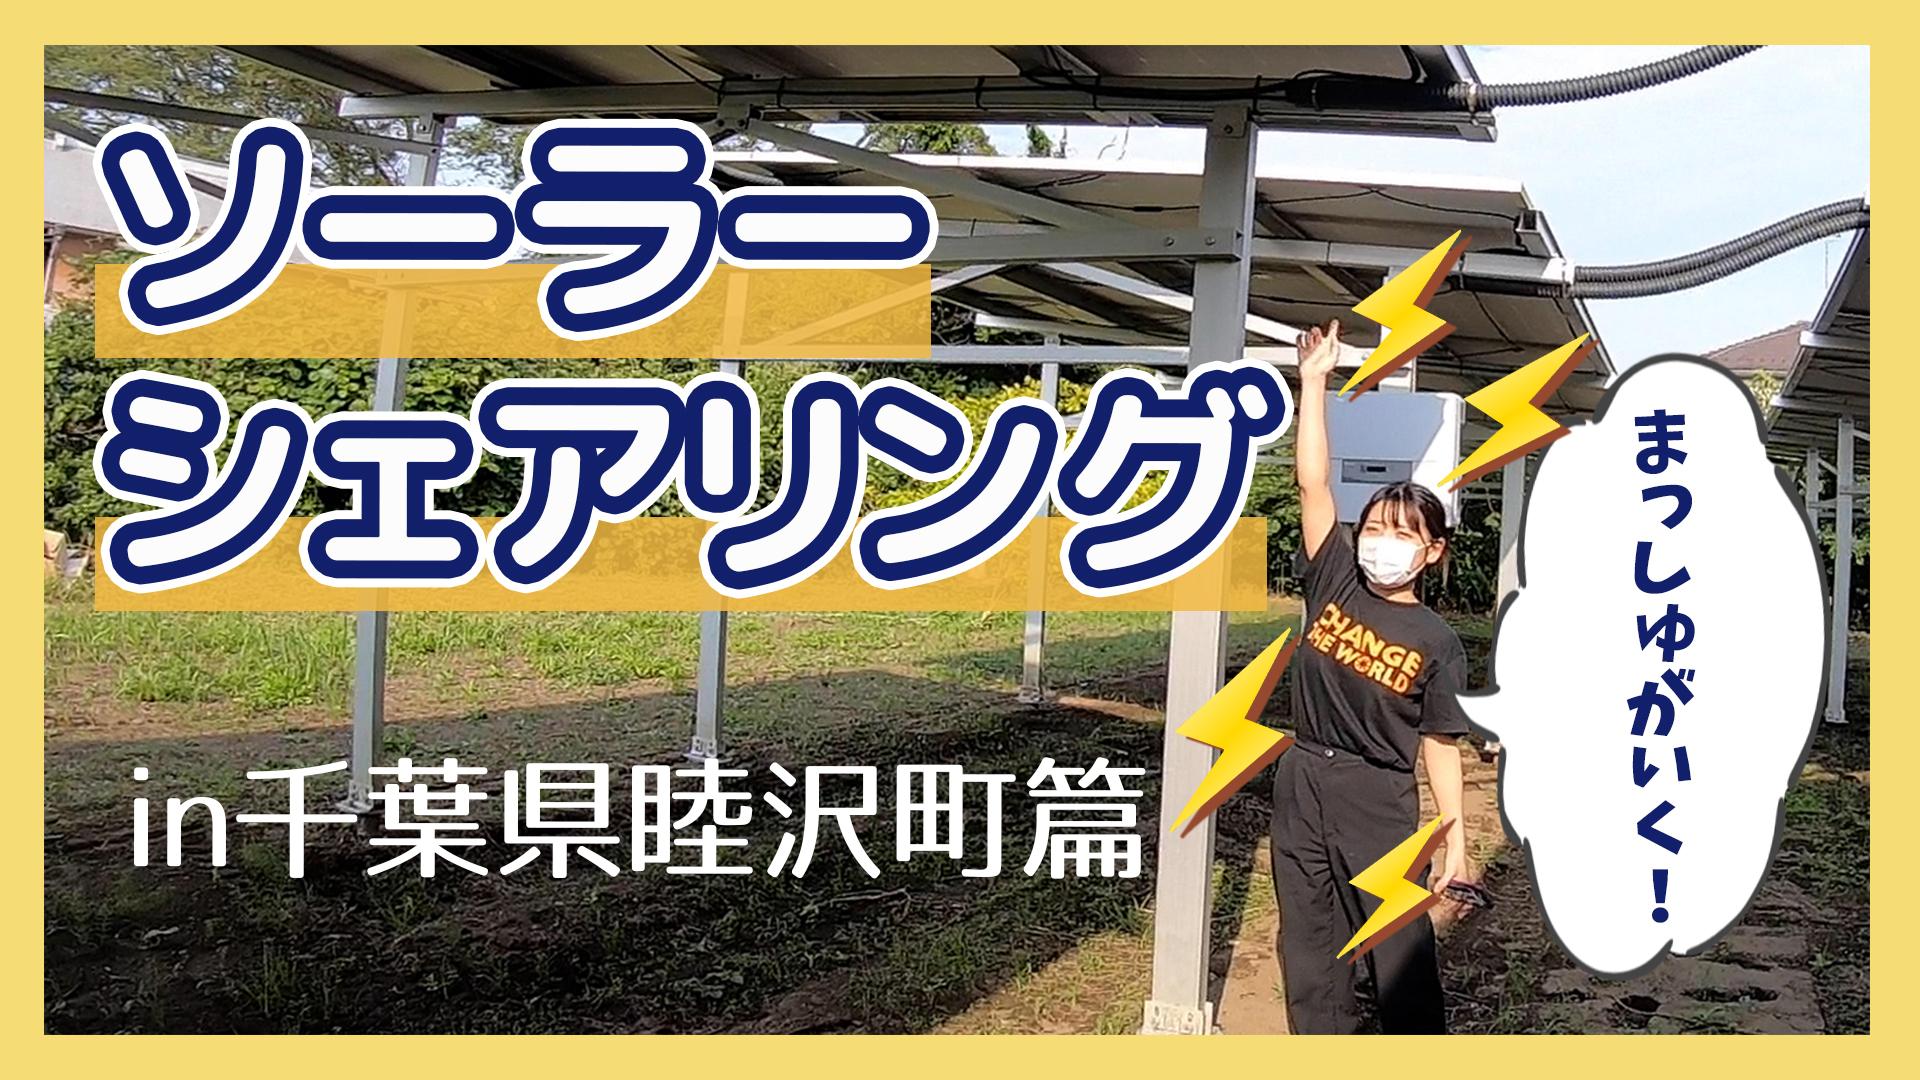 【まっしゅがいく!太陽光発電所ツアー】 ソーラーシェアリング in 千葉県睦沢町篇を公開!